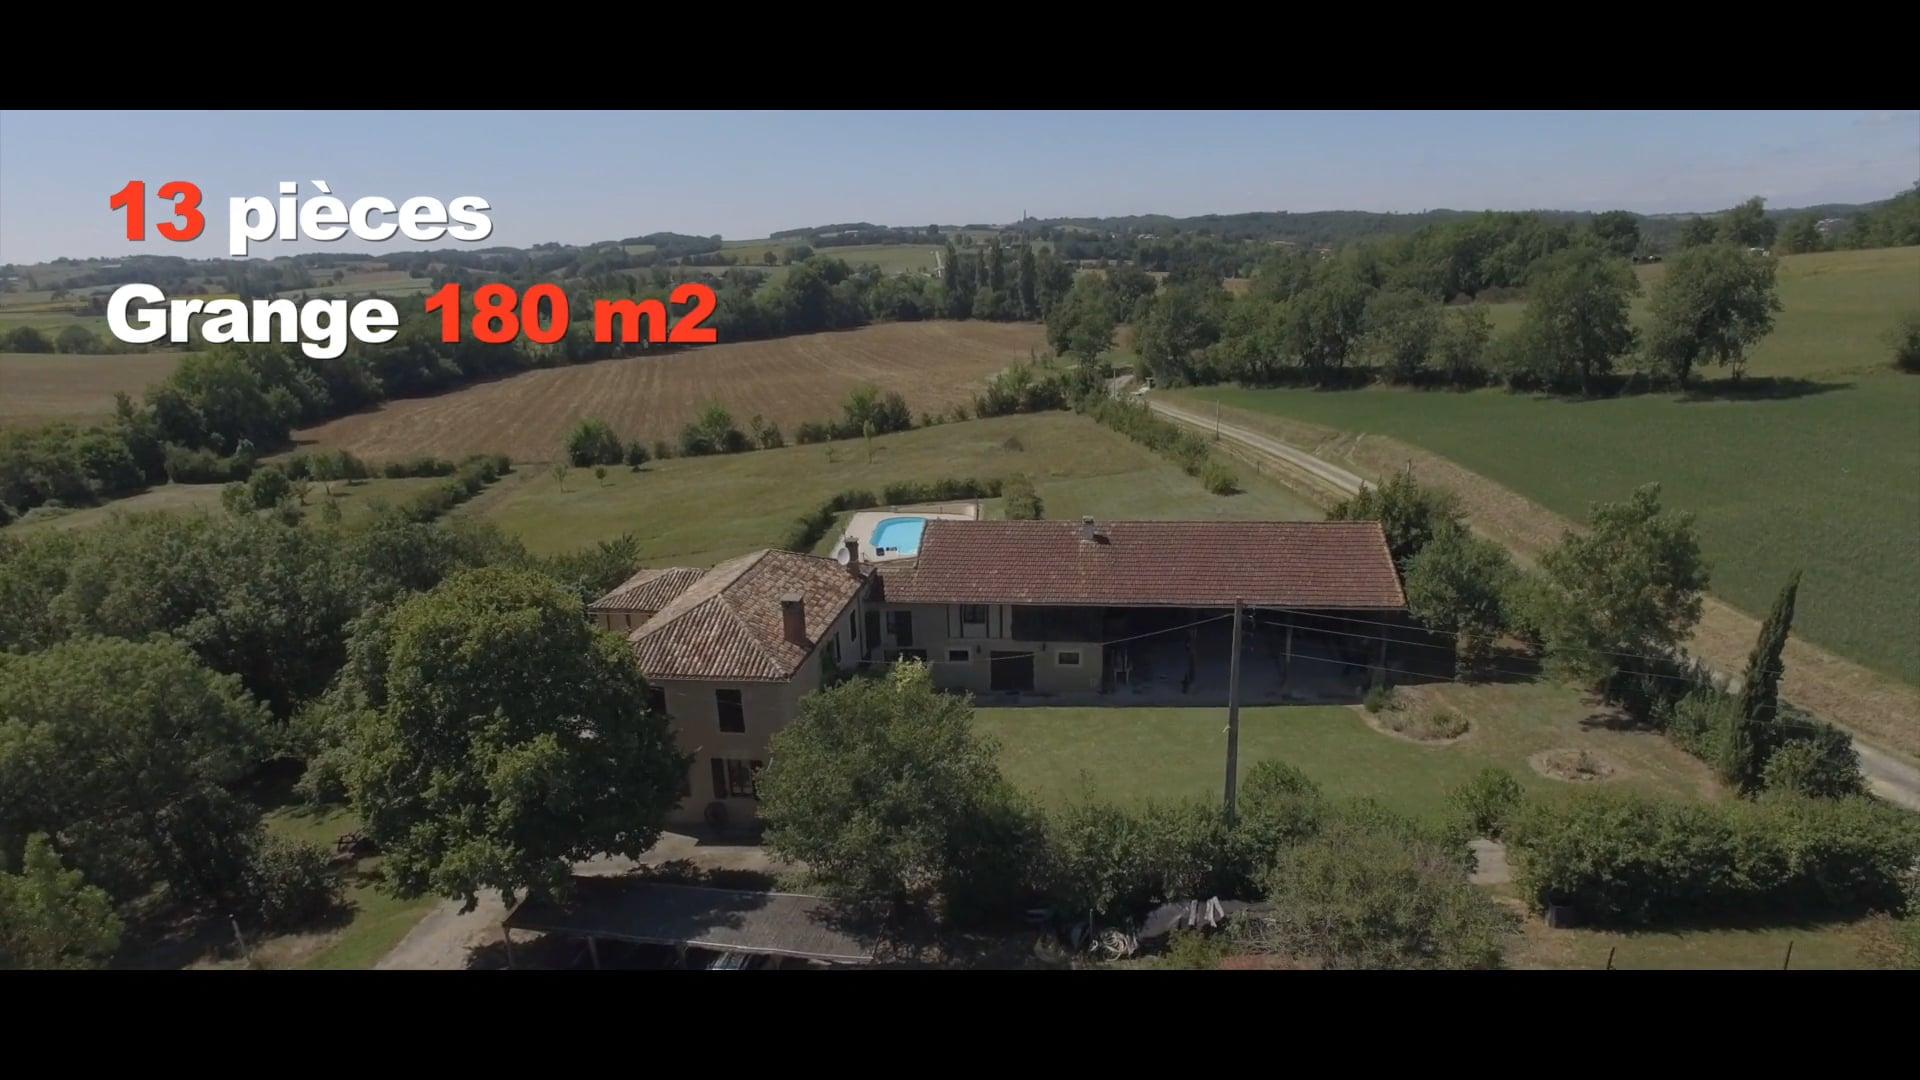 IMMOBILIER - Maison dans le Gers